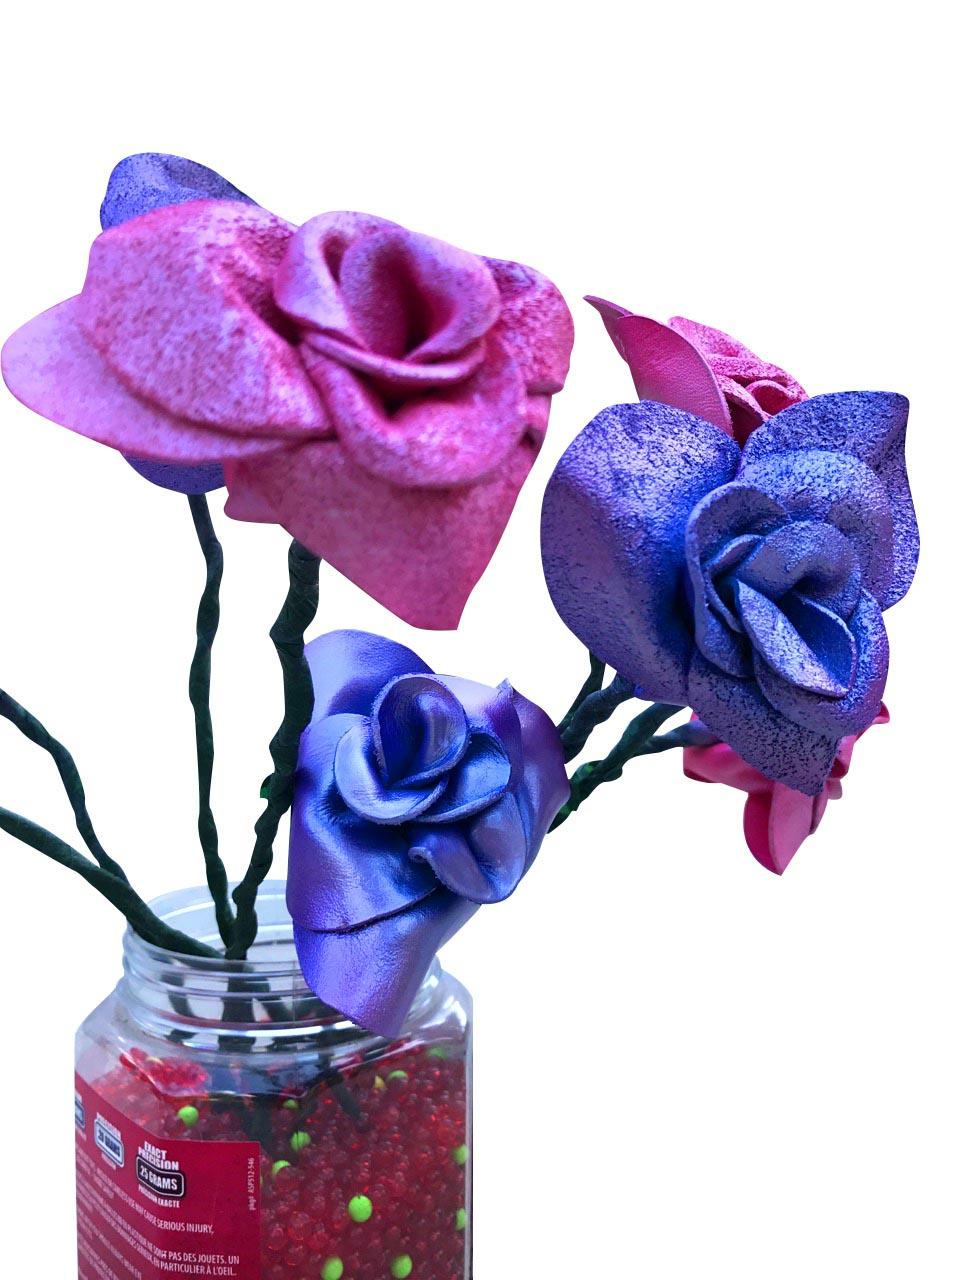 Roses_1.jpg